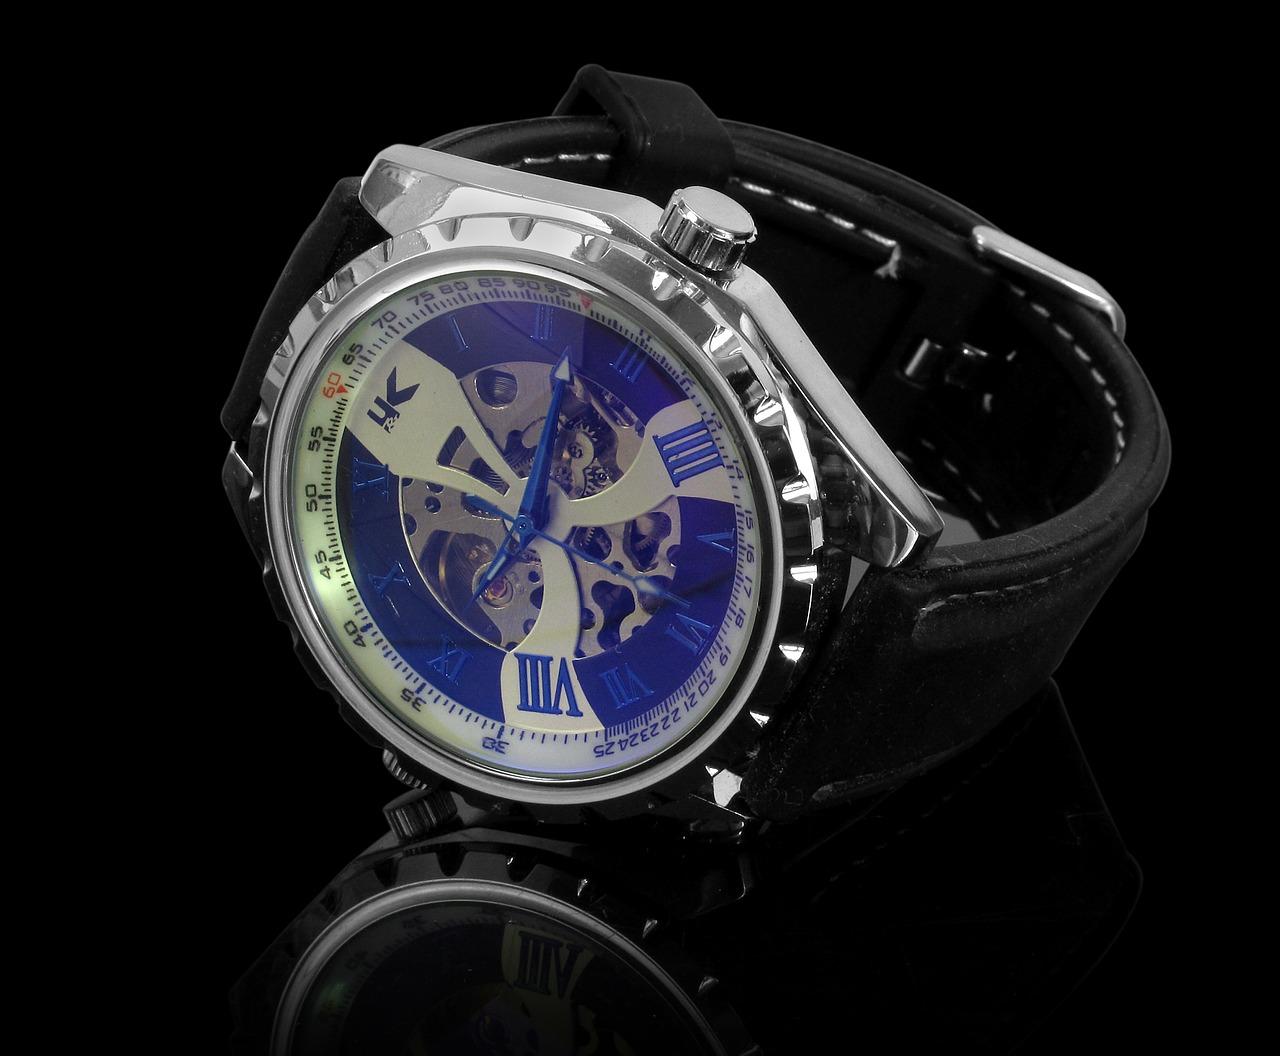 Une des montres la plus au top dans le monde actuel